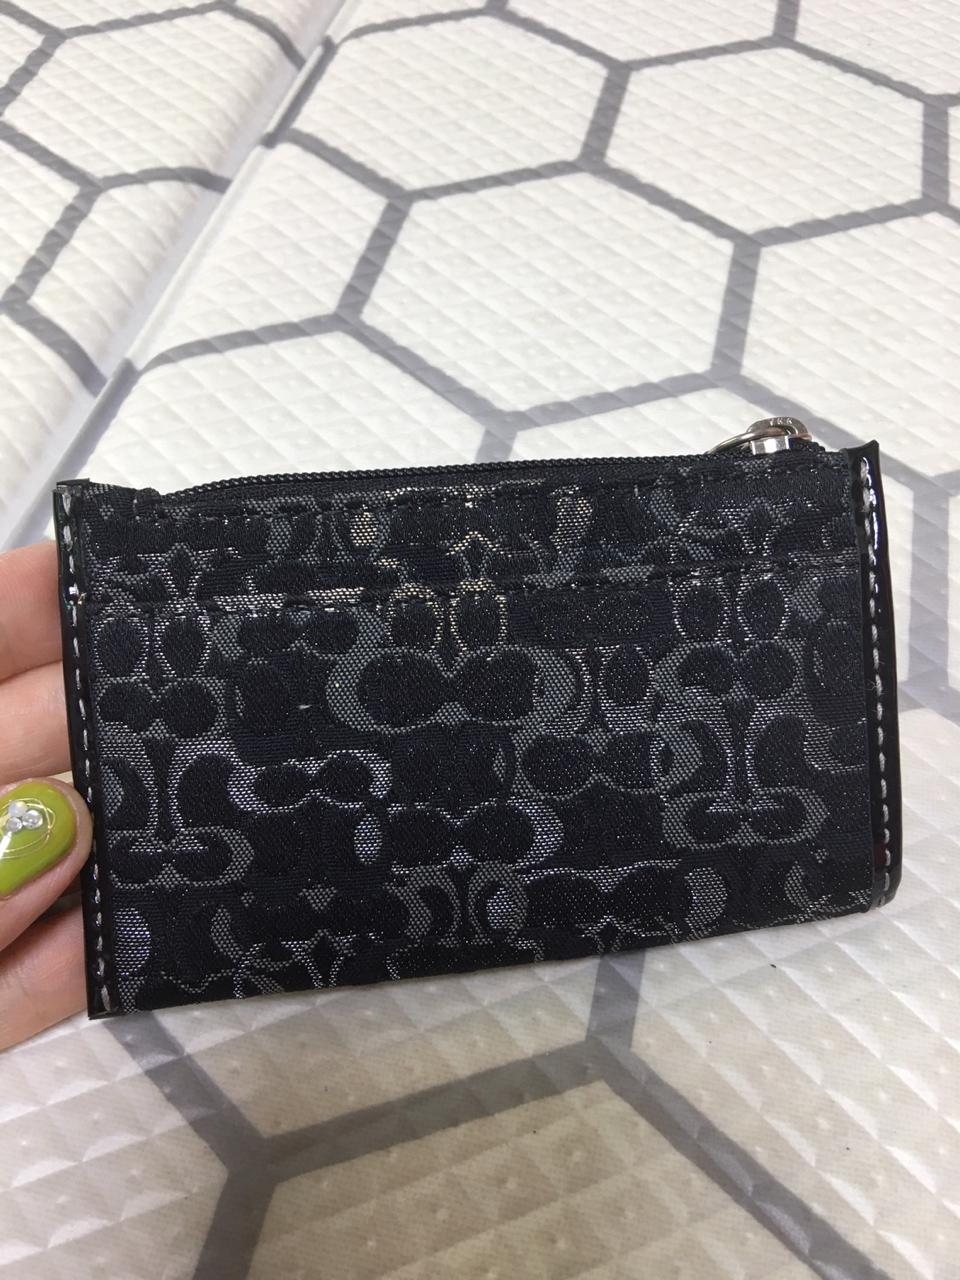 새상품)미국에서구매,코치 키홀더 지갑, 명함지갑,미니지갑